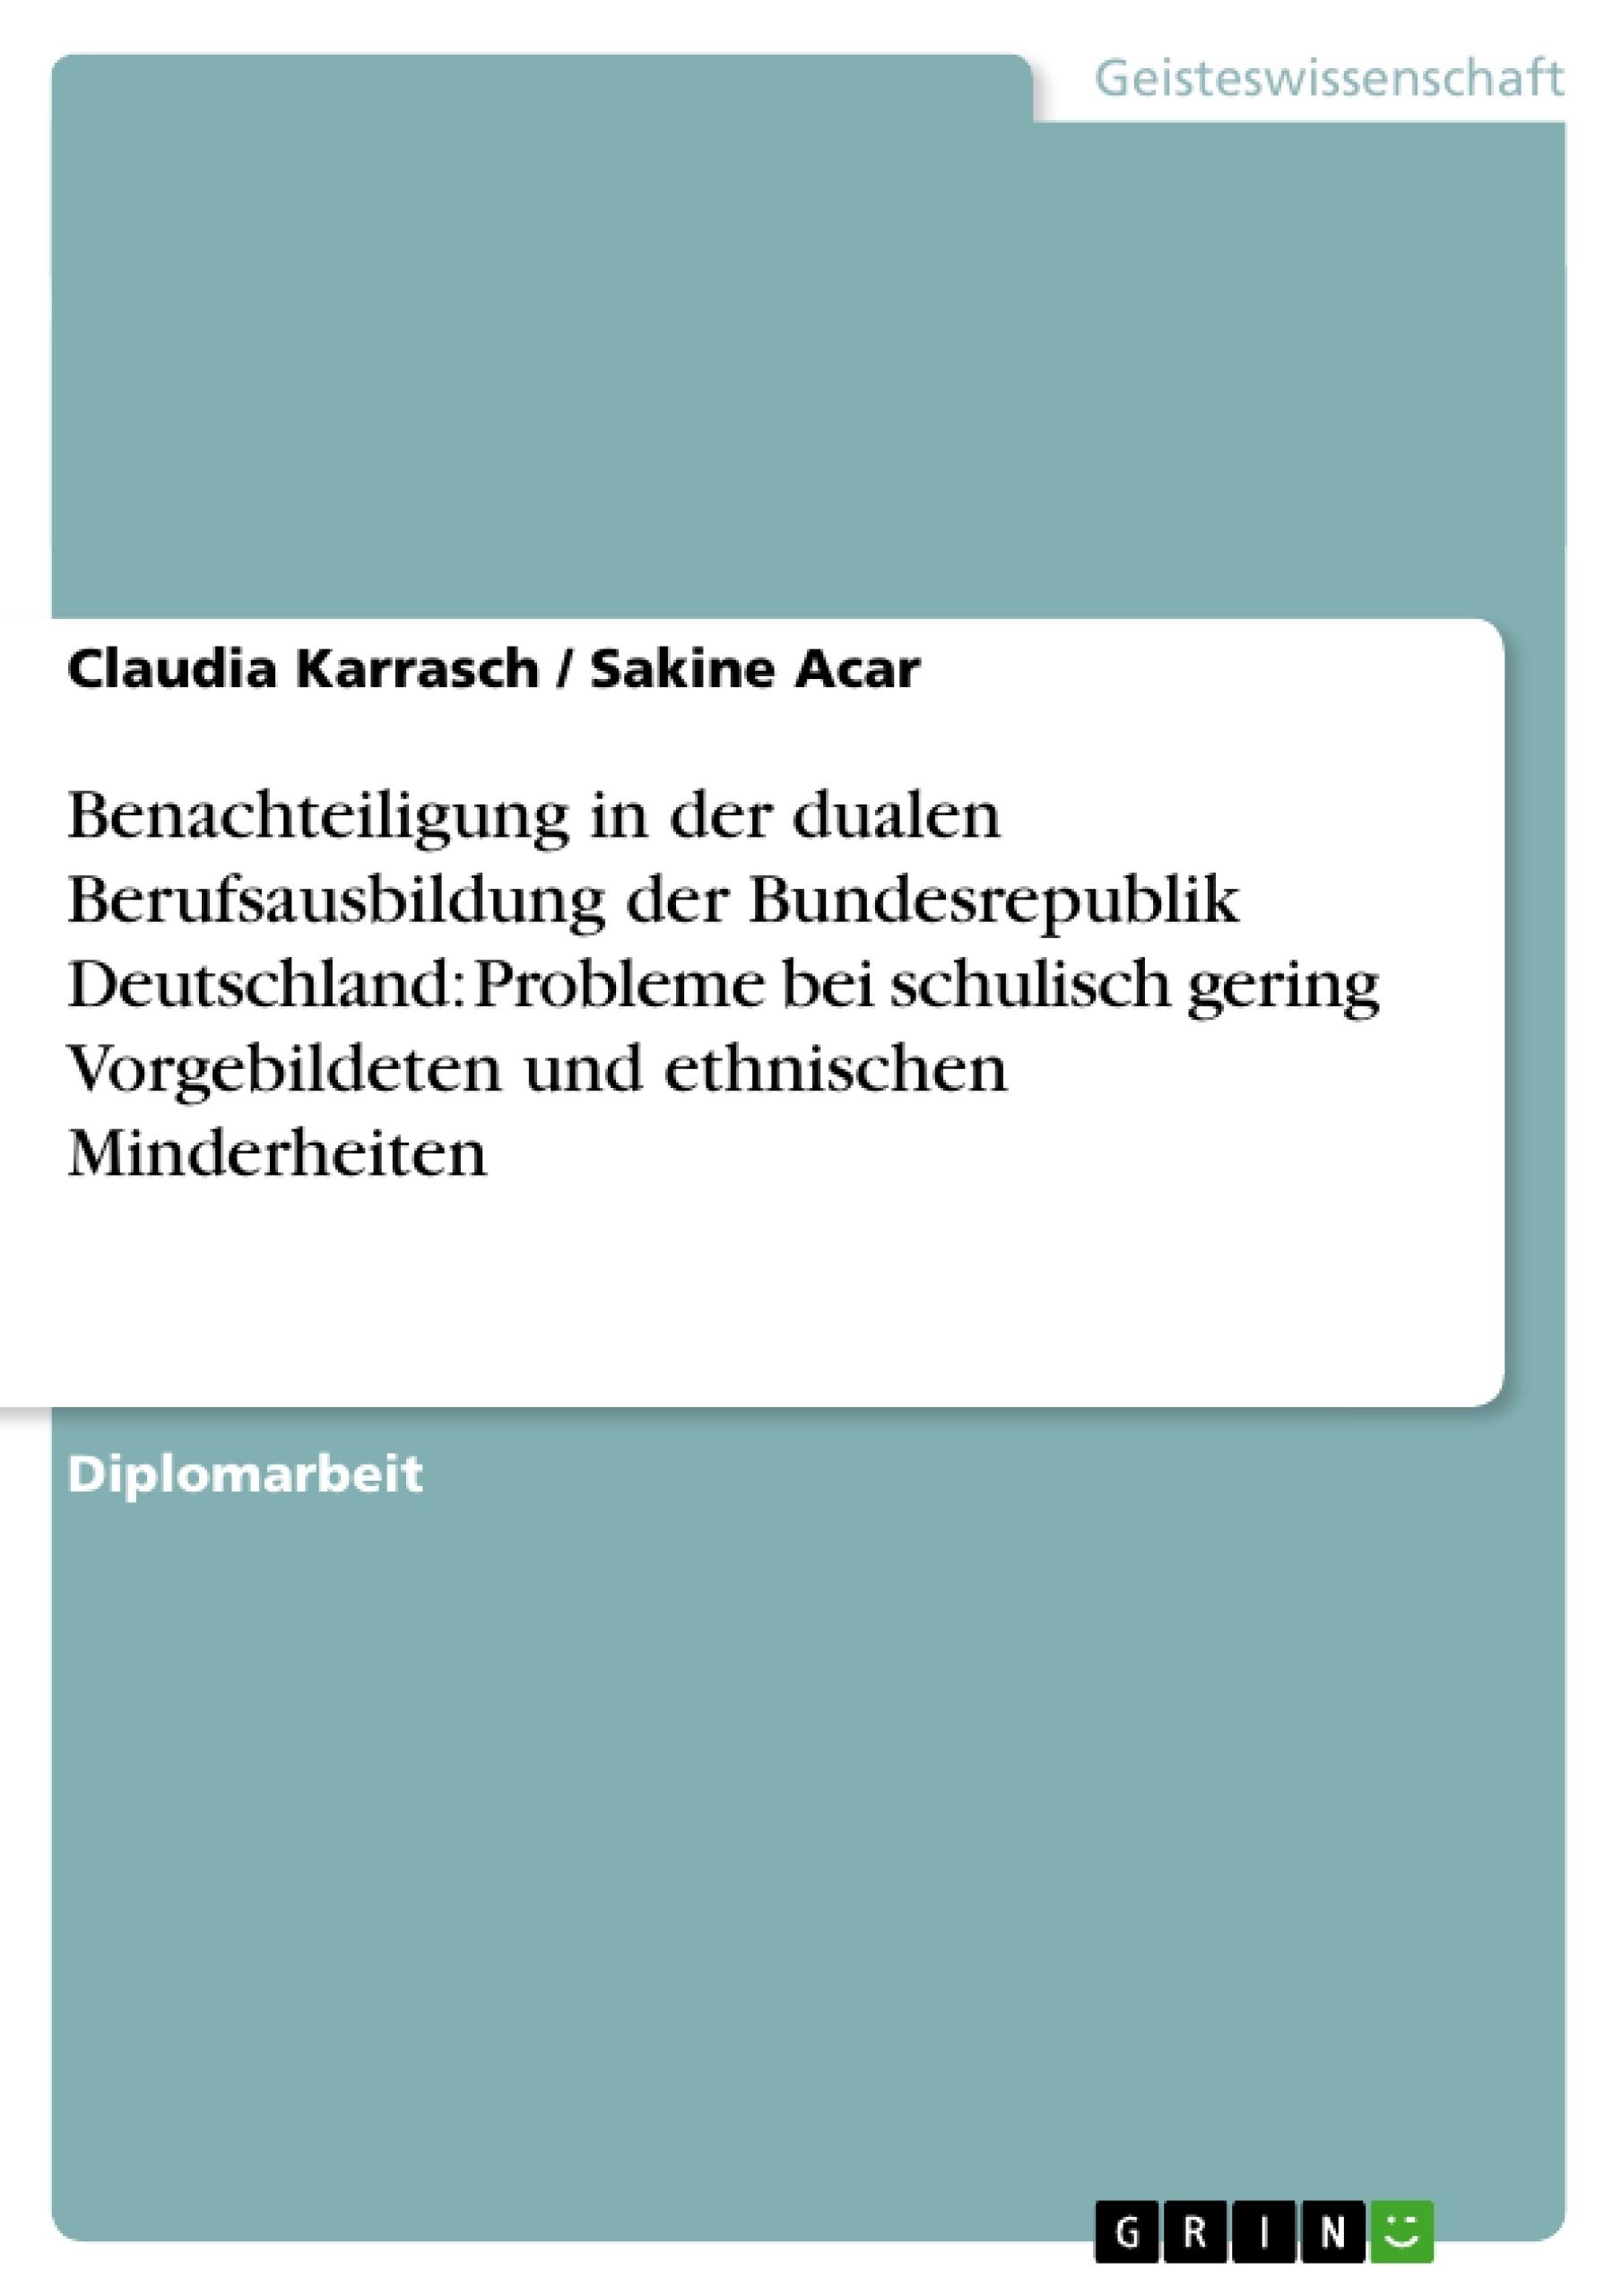 Titel: Benachteiligung in der dualen Berufsausbildung der Bundesrepublik Deutschland: Probleme bei schulisch gering Vorgebildeten und ethnischen Minderheiten